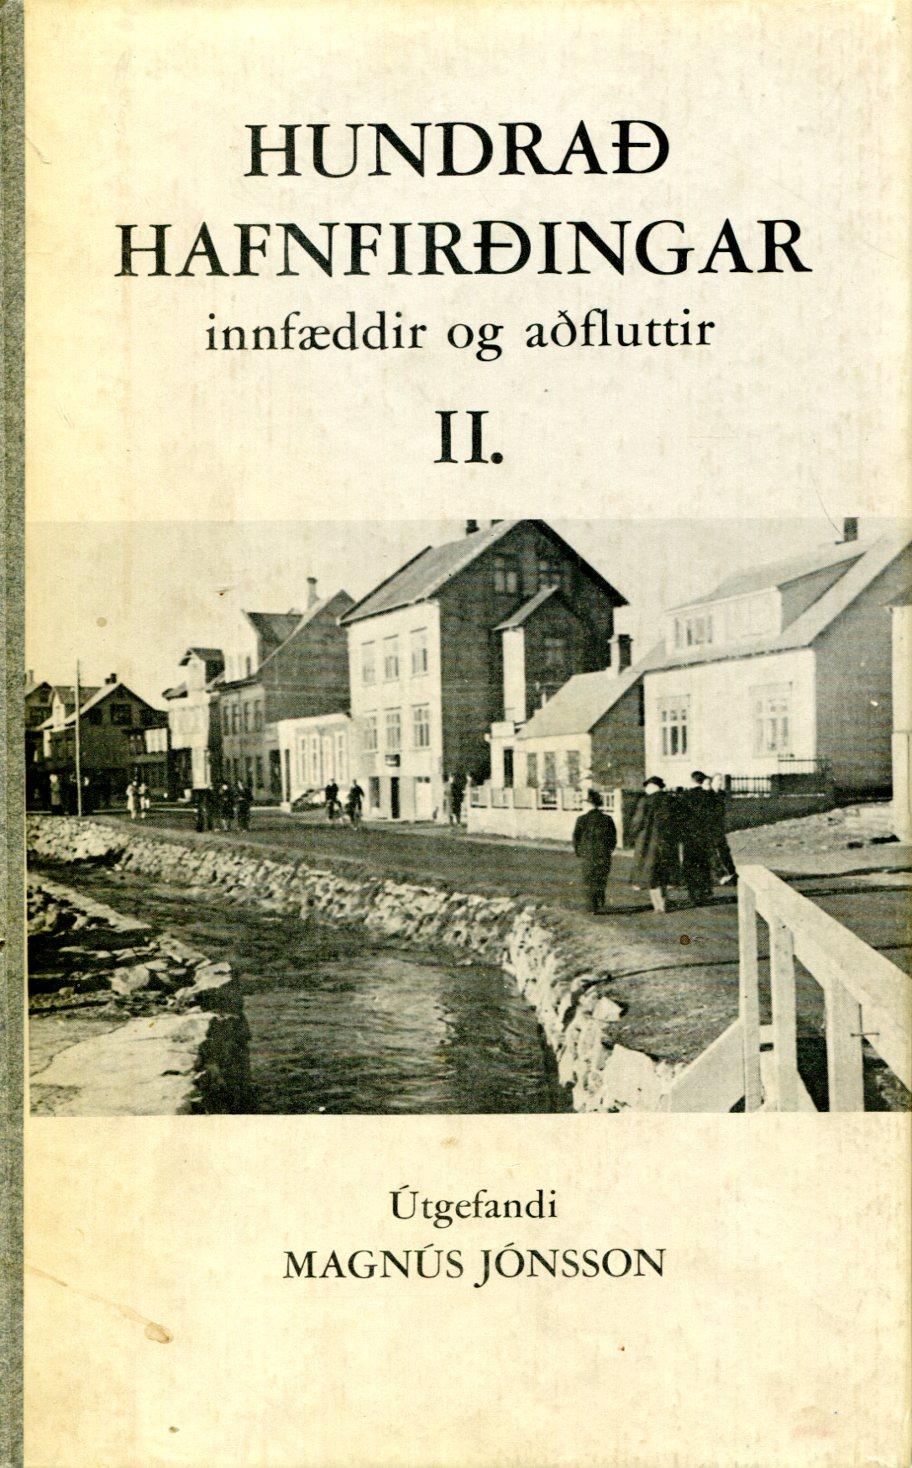 Hundrað Hafnfirðingar innfæddir og aðfluttir II innfæddir og aðfluttir - Magnús Jónsson